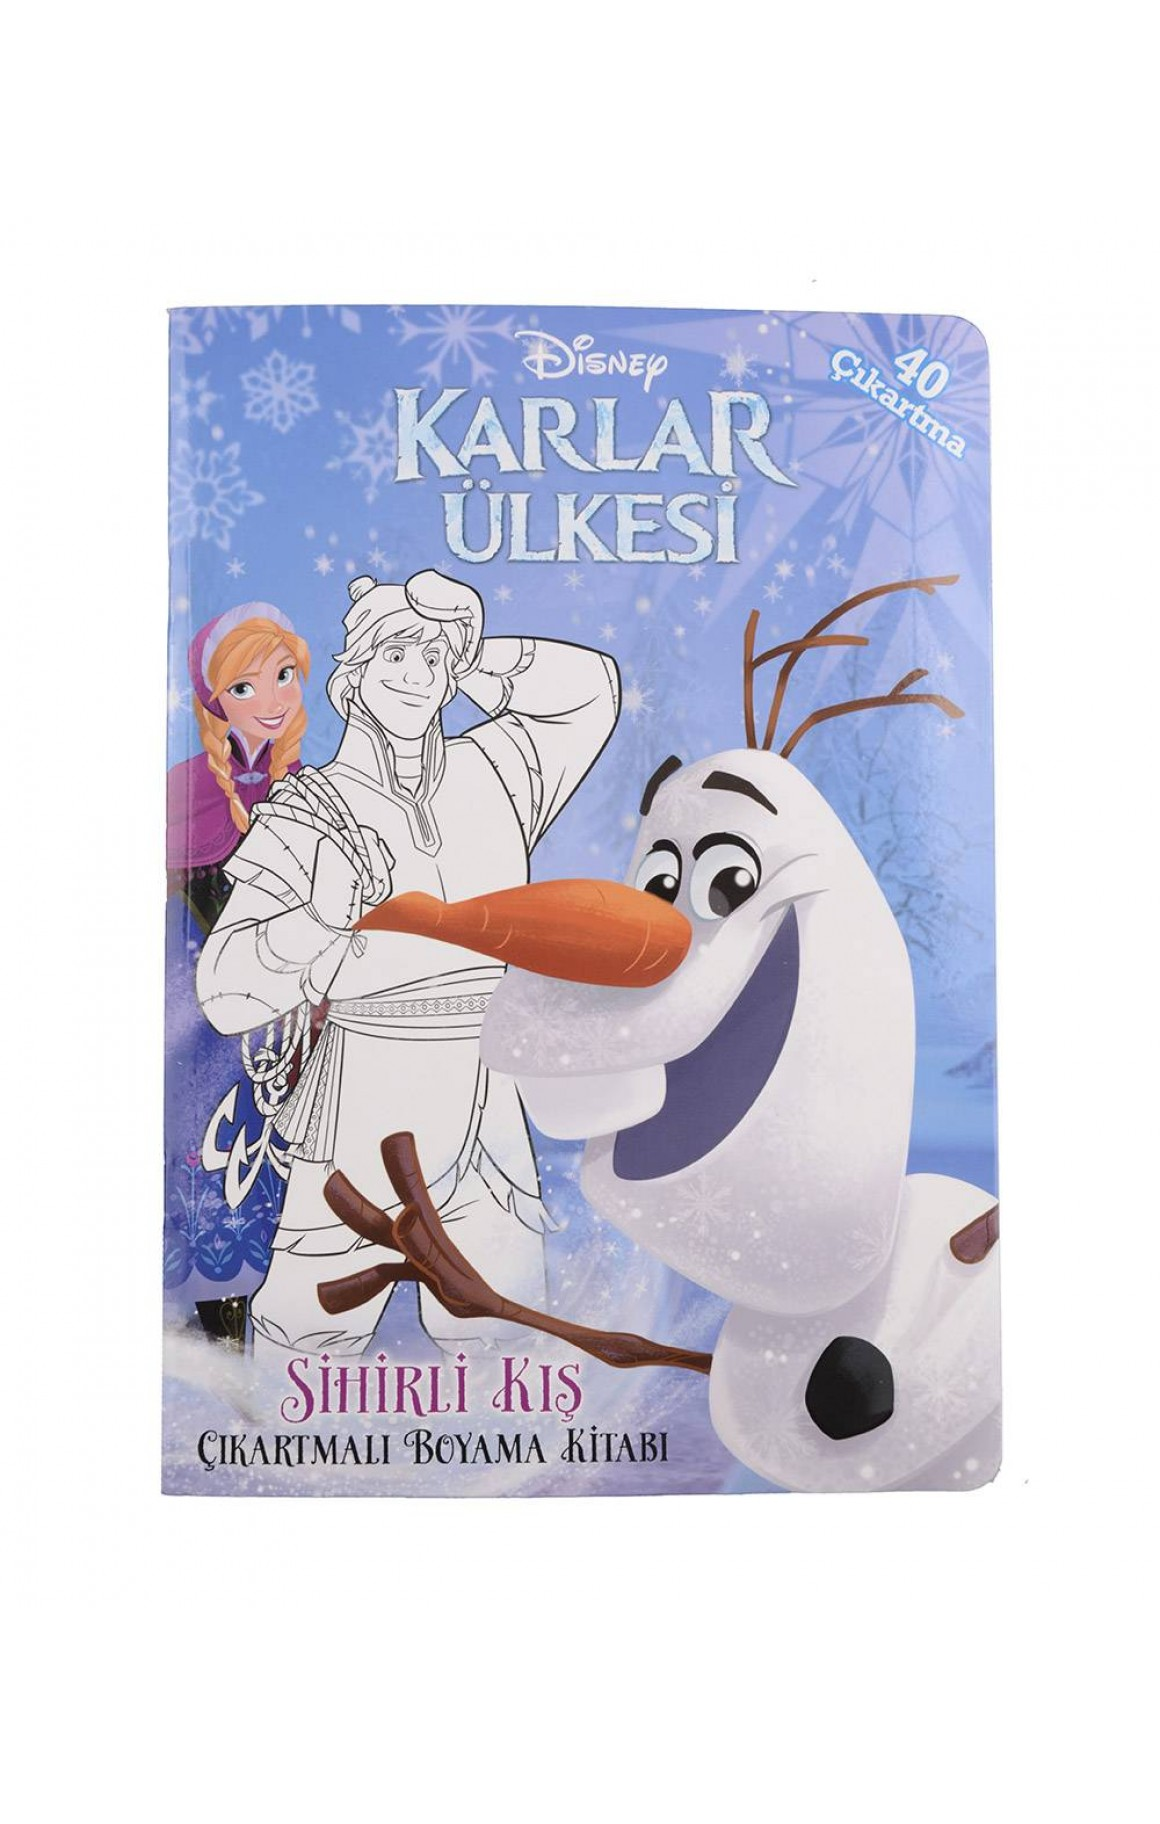 Disney Karlar Ulkesi Sihirli Kis Cikartmali Boyama Kitabi